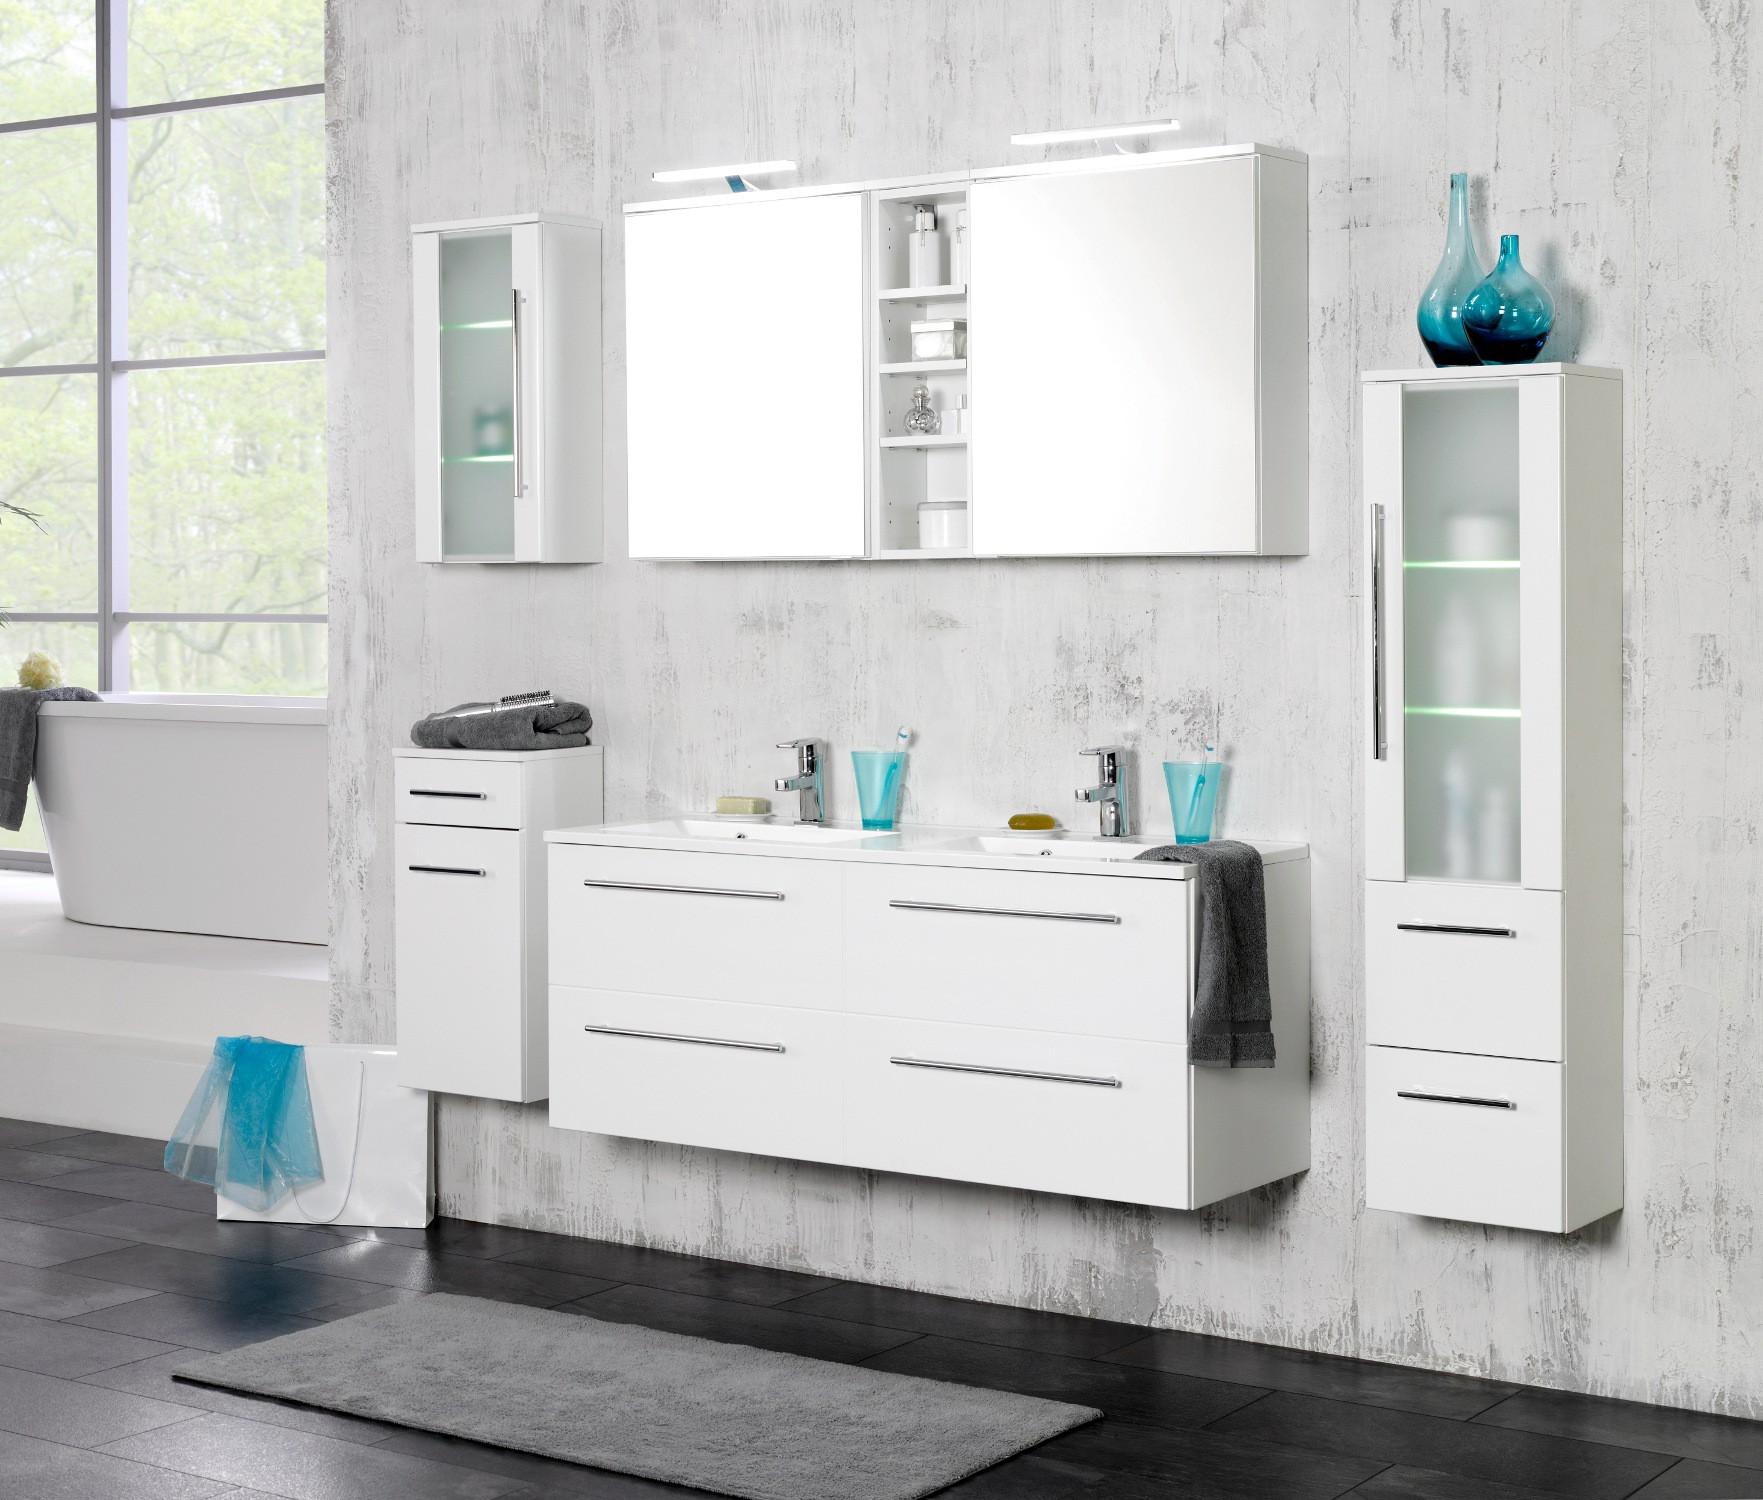 badm bel set mailand mit waschtisch 7 teilig 180 cm breit hochglanz wei bad badm belsets. Black Bedroom Furniture Sets. Home Design Ideas